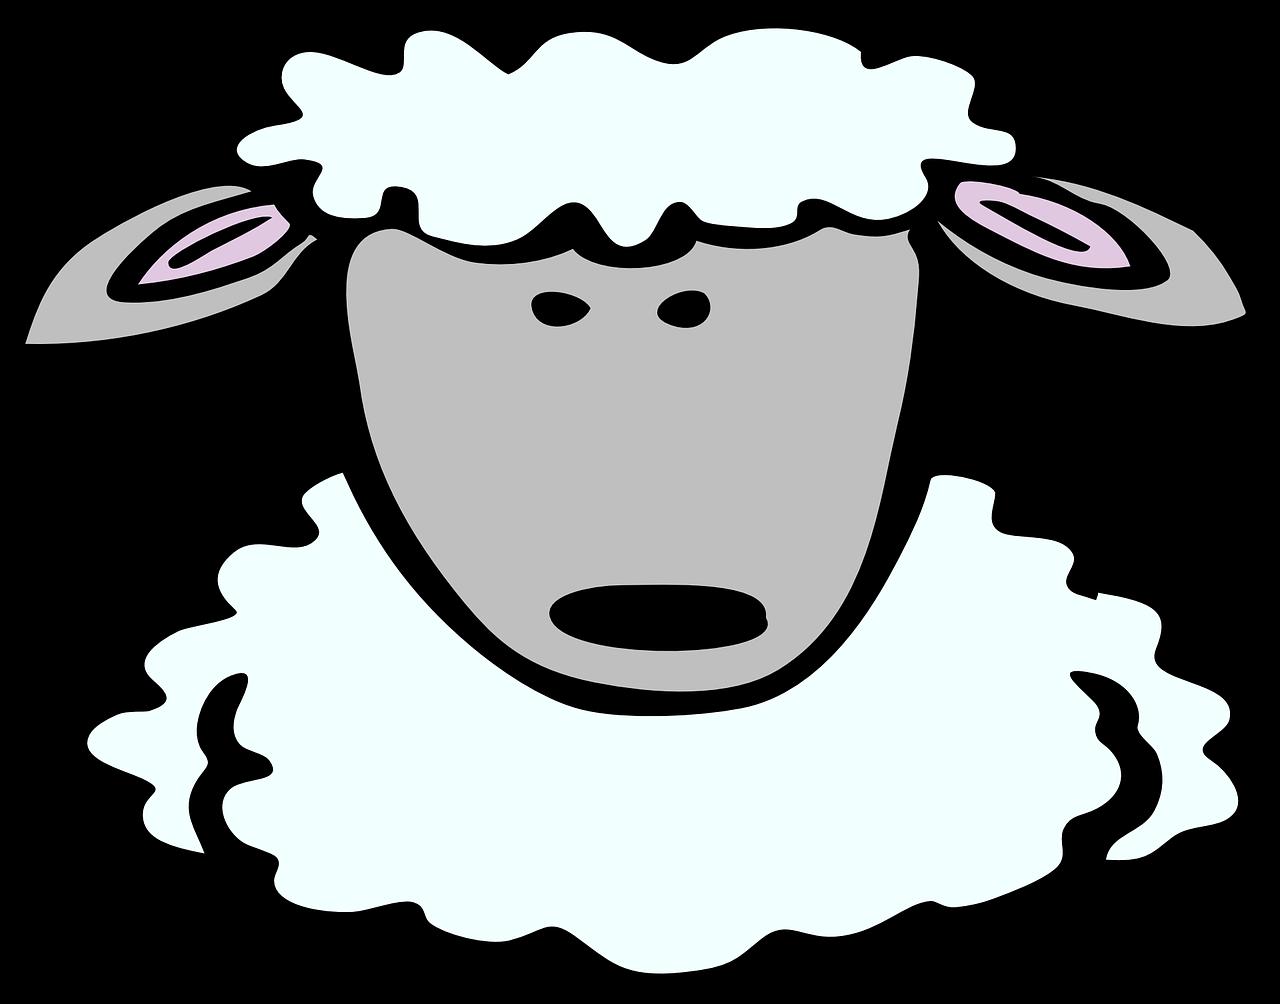 Feast clipart eid. Sheep face comic animal